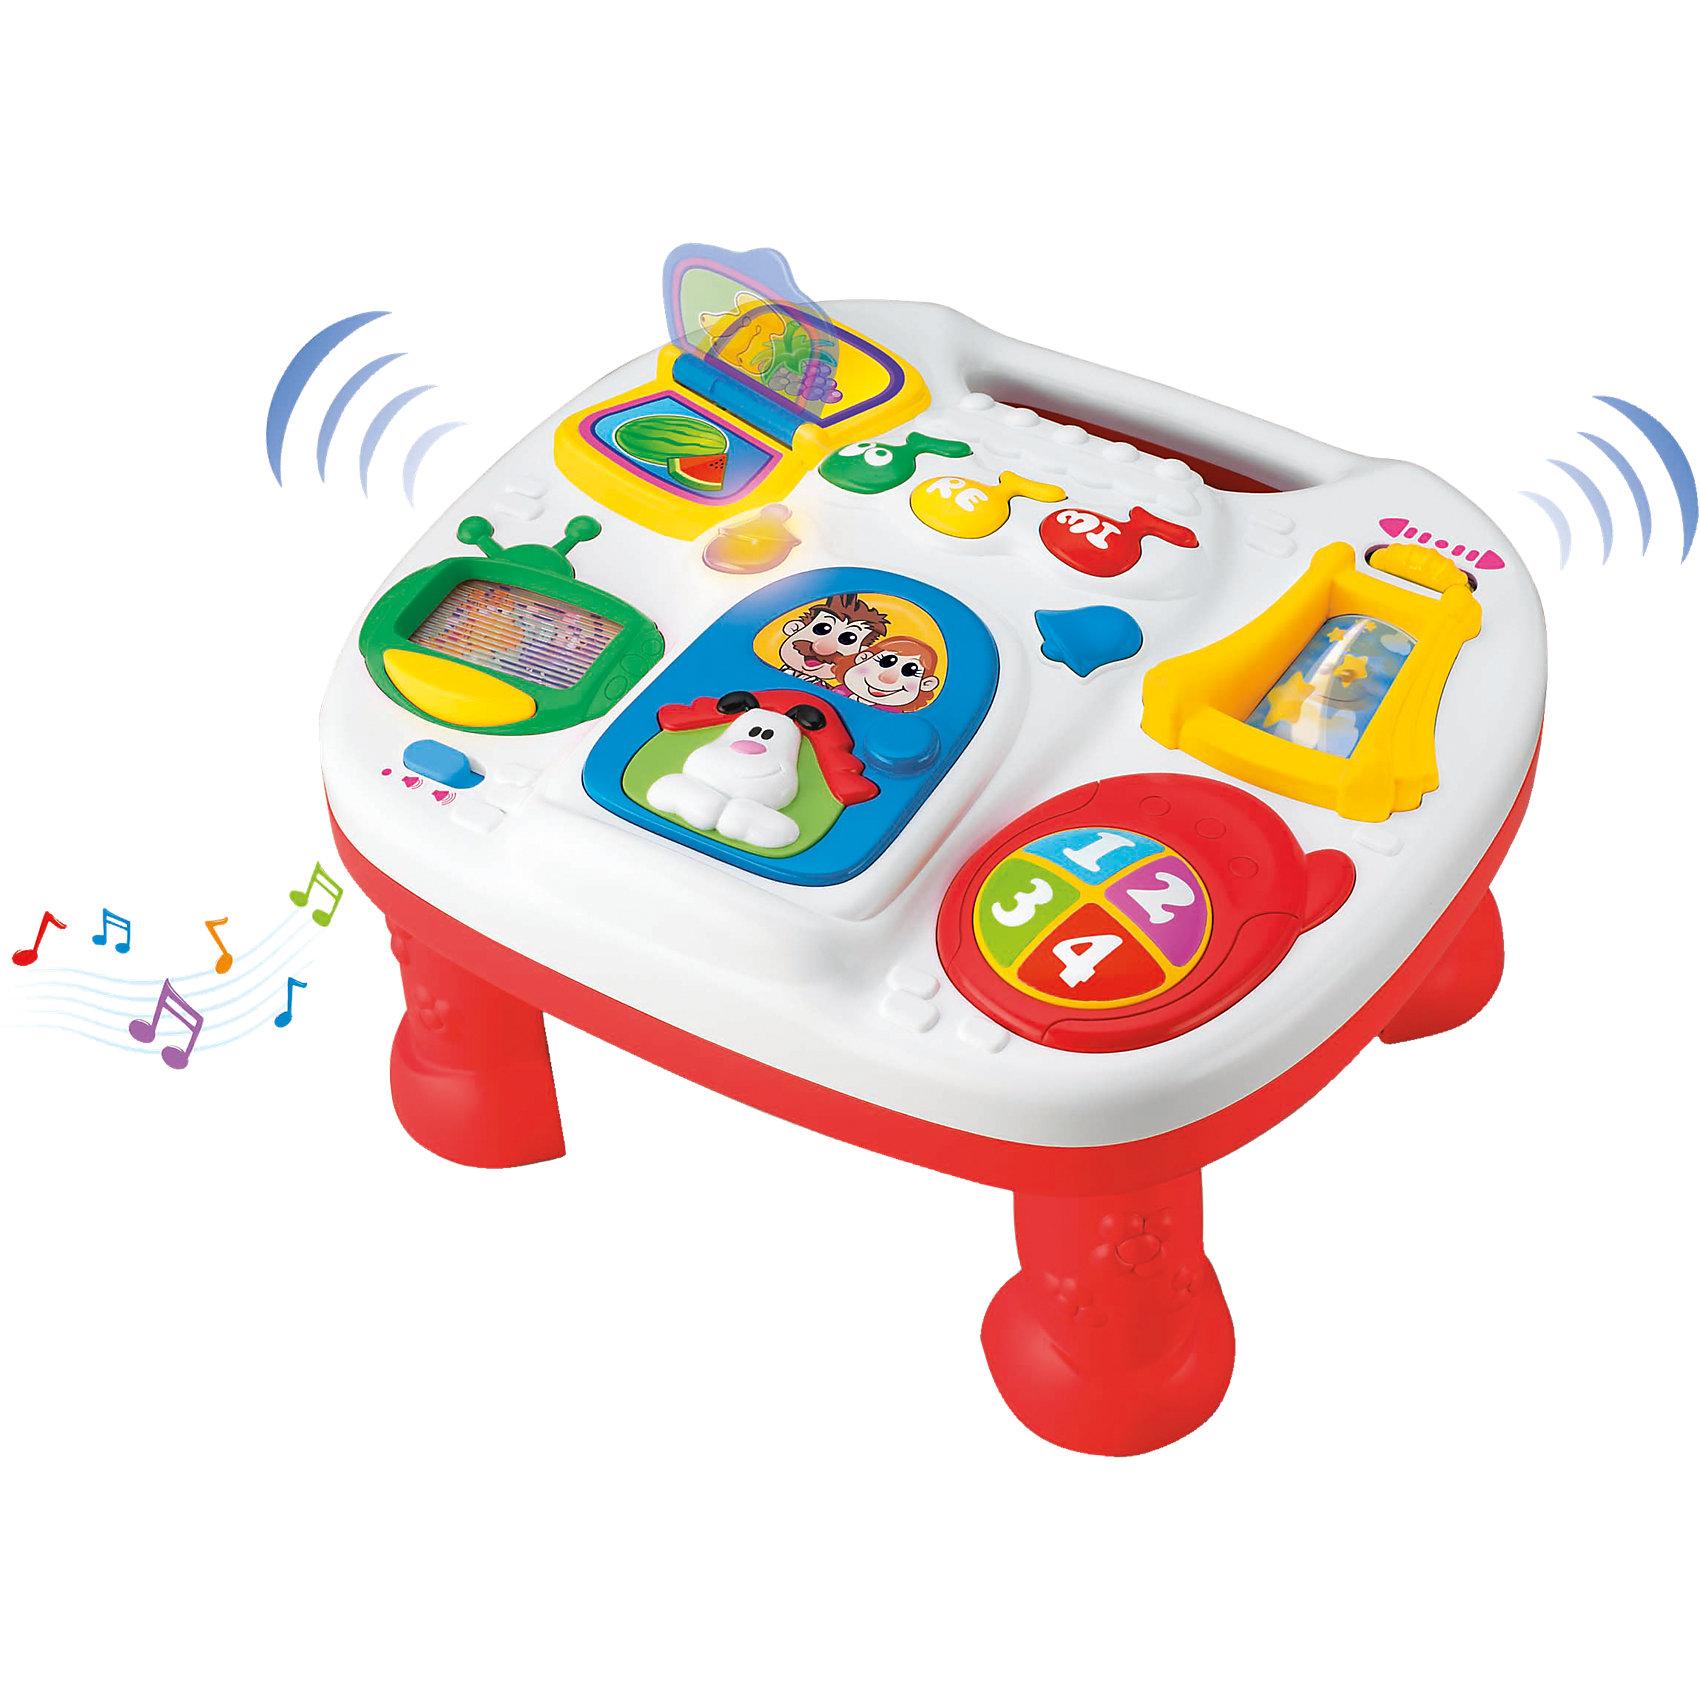 Музыкальный обучающий стол, KeenwayМузыкальный обучающий стол от Keenway (Кинвэй) - отличный подарок крохе. Ведь в панели компактного размера собрано столько всего интересного: можно крутить яркое колесико, рассматривать перекидные картинки, нажимать на кнопочки, услышать звуки телефона, лай собаки и даже изучать ноты. Развивающий стол очень привлекателен для ребенка, ведь любое действие малыша сопровождается разными интересными звуками и световыми эффектами. Главным преимуществом этого столика является то, что благодаря устойчивым ножкам с ним можно играть сидя или стоя на полу. Отделенную от ножек панель можно подвесить на кровать или манеж или положить на стол, поэтому Вы сможете пользоваться столиком где Вам удобно.<br><br>Дополнительная информация: <br><br>- Столик прекрасно развивает моторику, слуховое восприятие и координацию;<br>- Множество развивающих функций;<br>- Звуковые и световые эффекты;<br>- Съемные ножки;<br>- Можно подвесить на кроватку;<br>- Размер панели: 28 х 25 см;<br>- Размер упаковки: 8,3 х 38,1 х 26,7 см;<br>- Вес: 0,8 кг<br><br>Музыкальный обучающий стол, Keenway (Кинвэй) можно купить в нашем интернет-магазине<br><br>Ширина мм: 83<br>Глубина мм: 381<br>Высота мм: 267<br>Вес г: 824<br>Возраст от месяцев: 6<br>Возраст до месяцев: 36<br>Пол: Унисекс<br>Возраст: Детский<br>SKU: 4001684